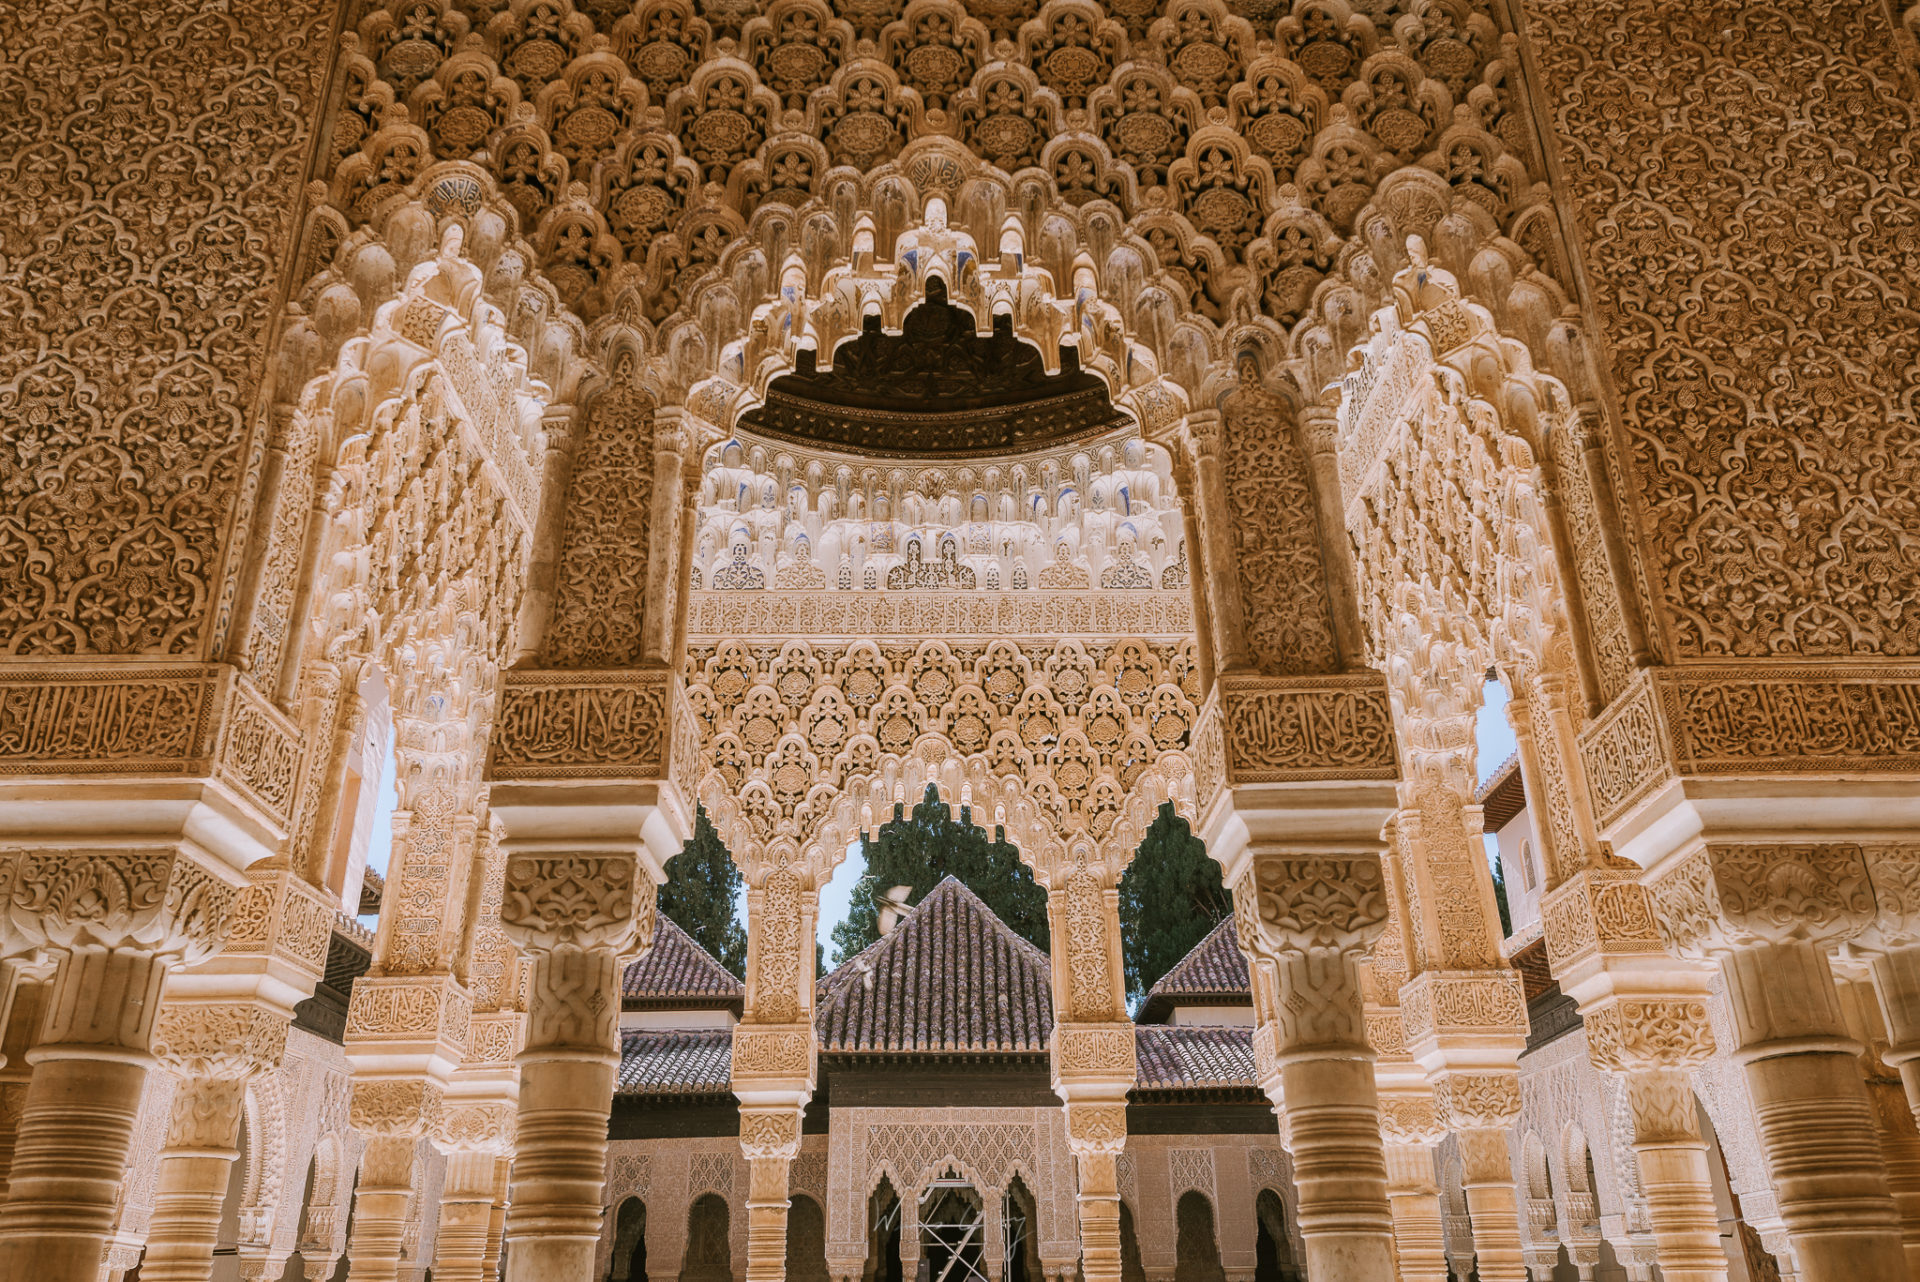 西班牙 格拉納達 Granada 景點攻略 歷史介紹 阿爾罕布拉宮購票方法與旅遊建議 by 旅行攝影師張威廉 Wilhelm Chang